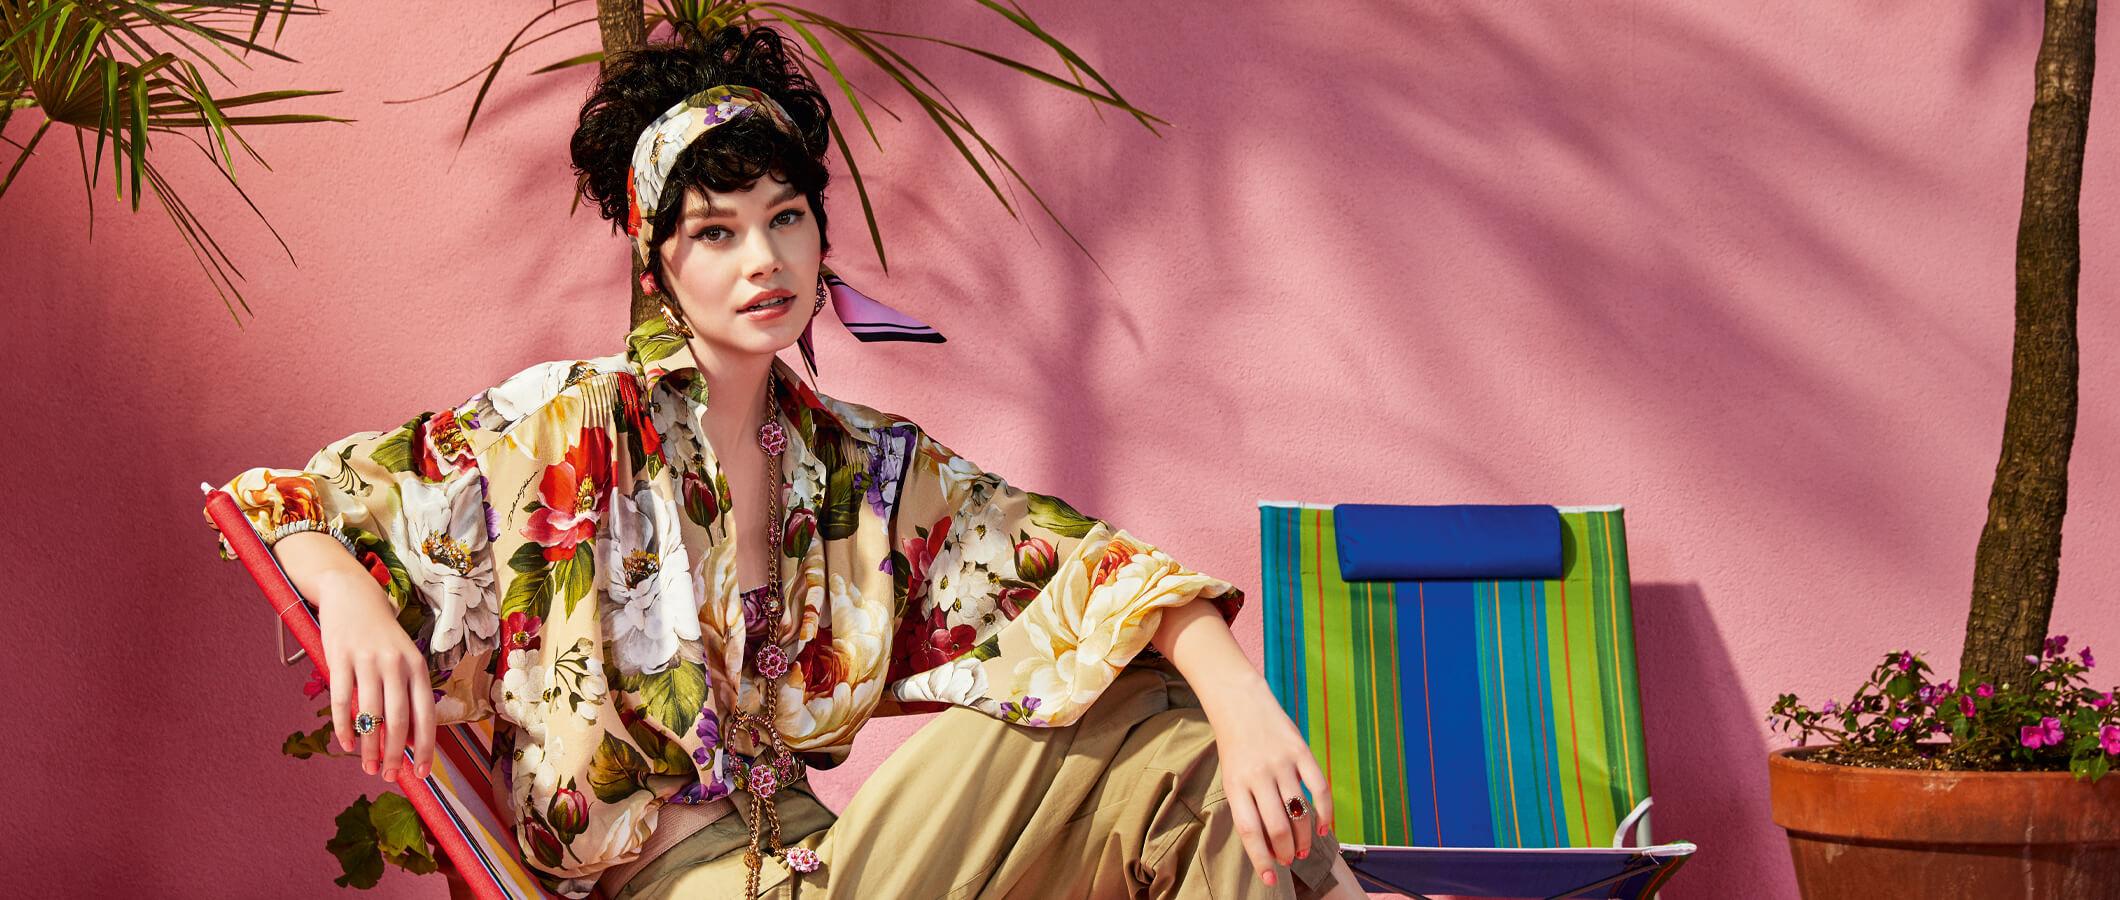 women-floral-dress